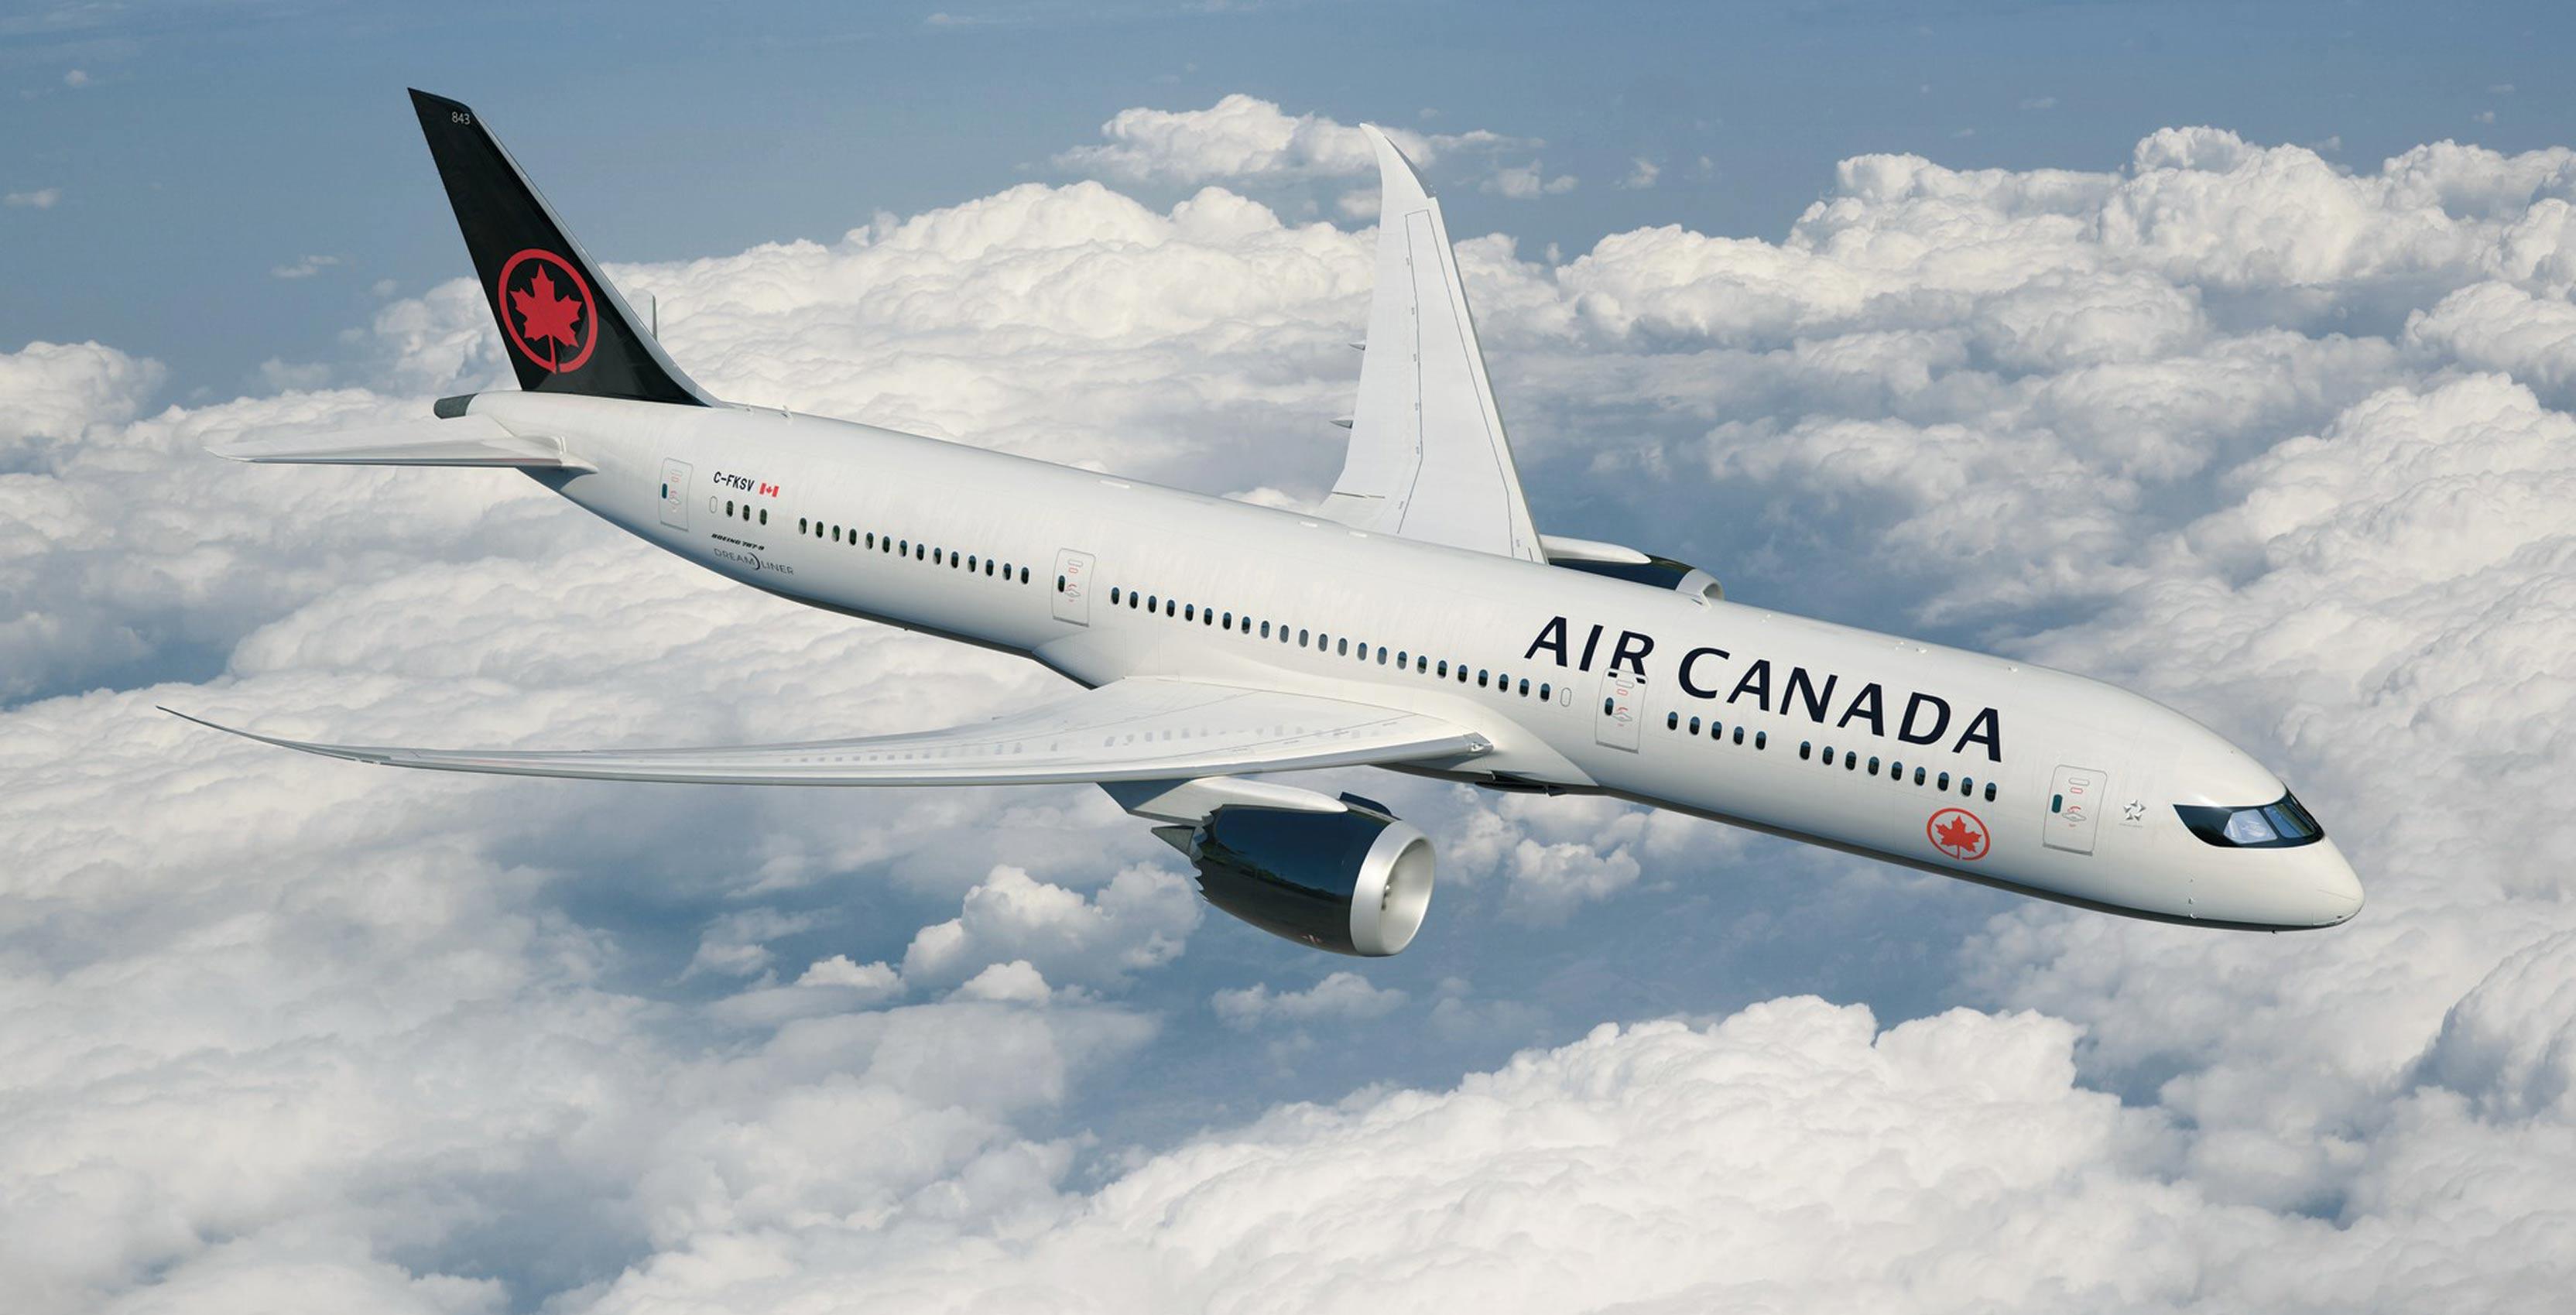 an Air Canada airplane